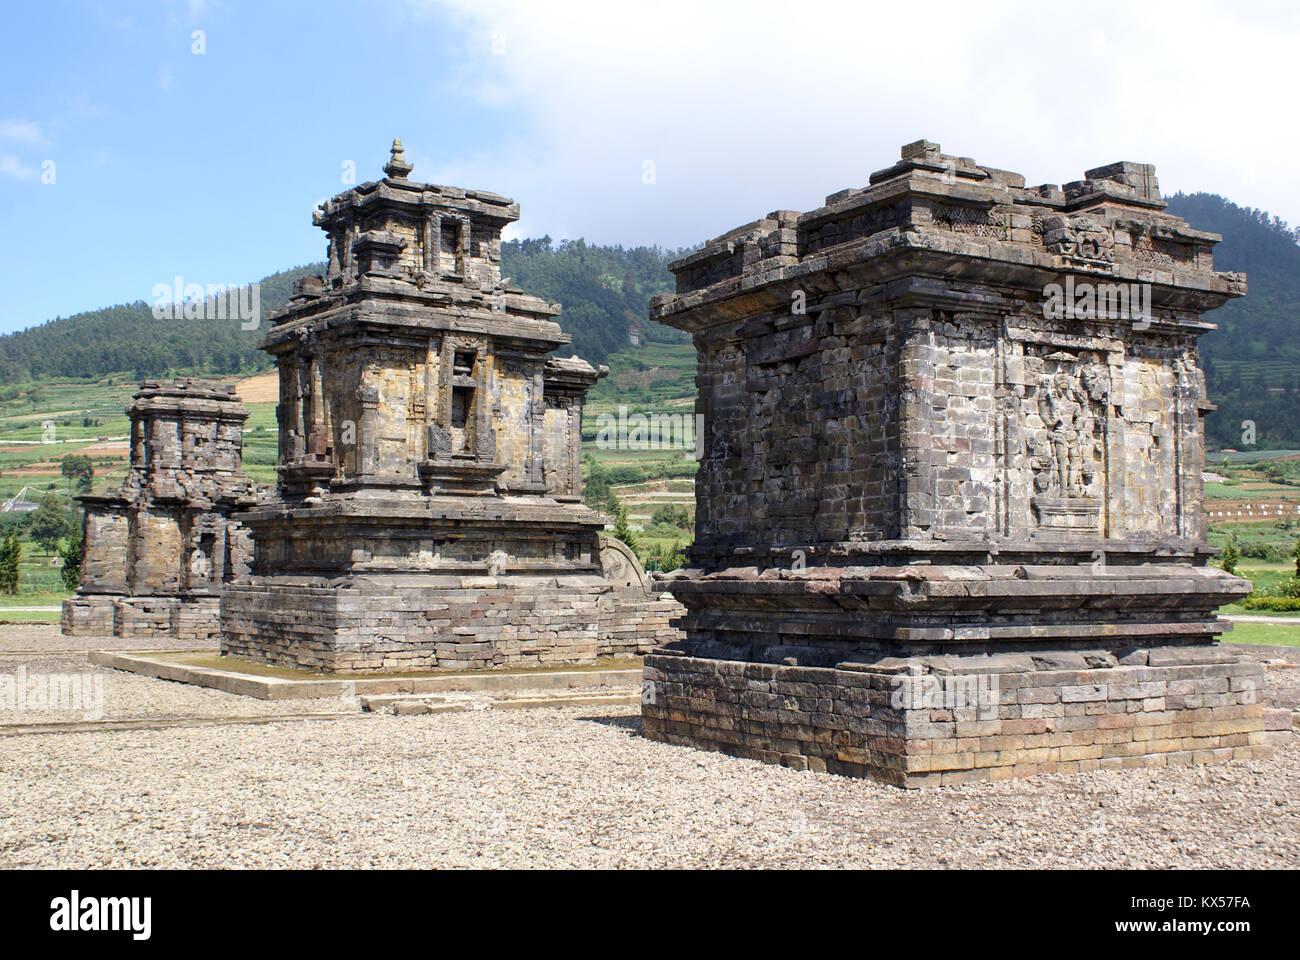 Arjuna complex on Dieng plateau, Java, Indonesia - Stock Image